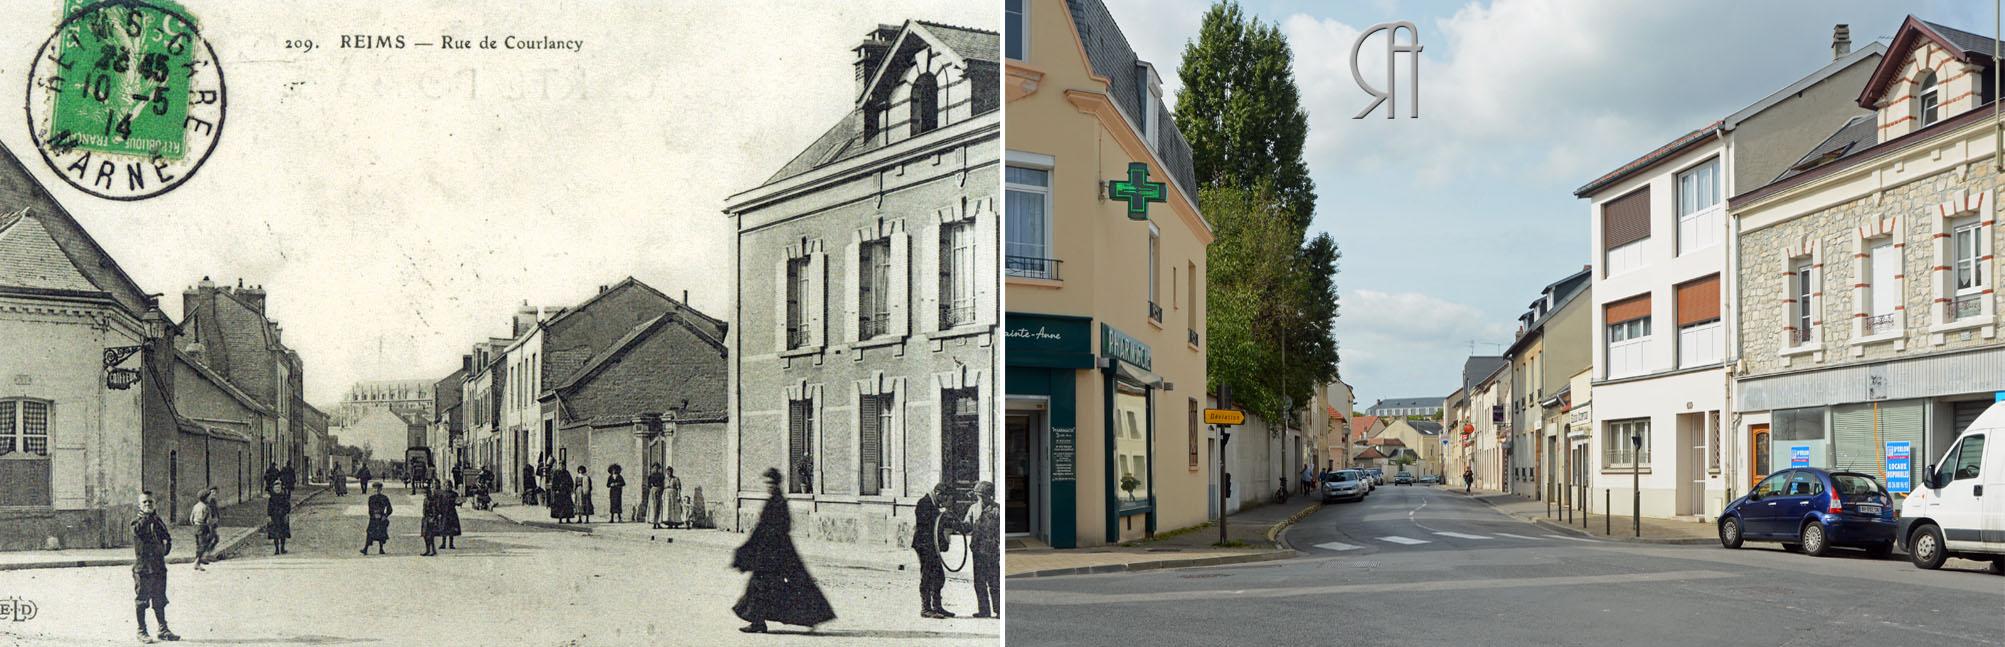 Rue de Courlancy